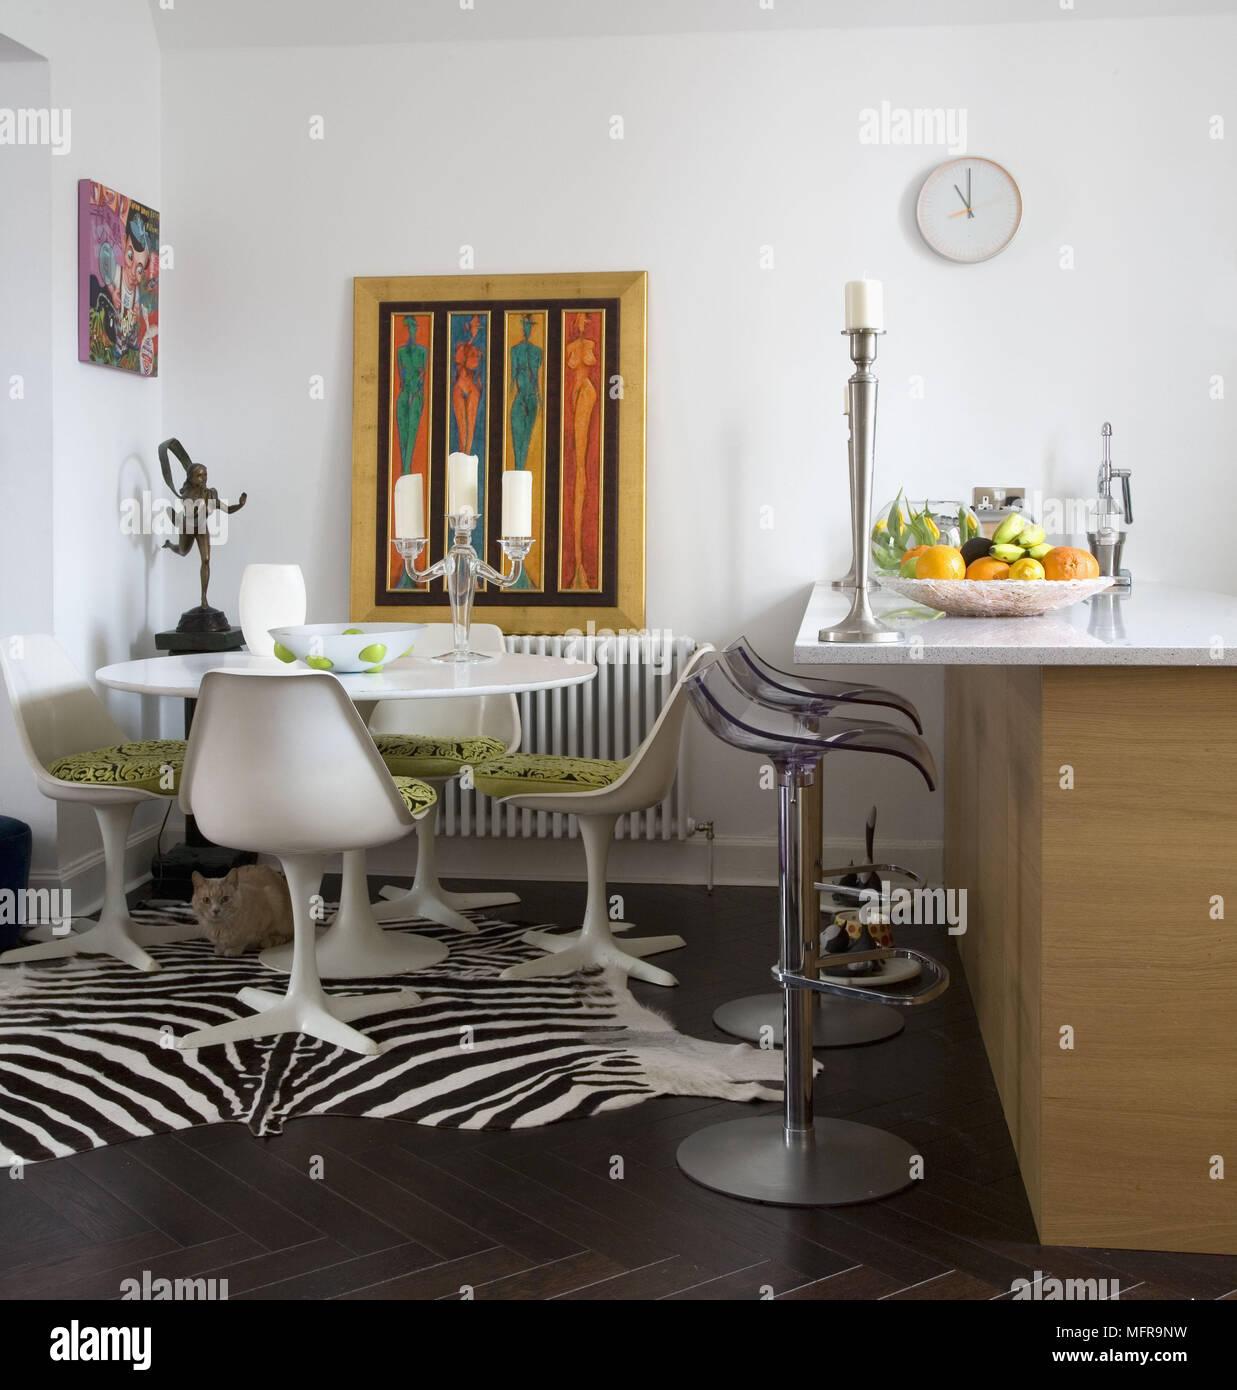 Eero Saarinen Room New York City